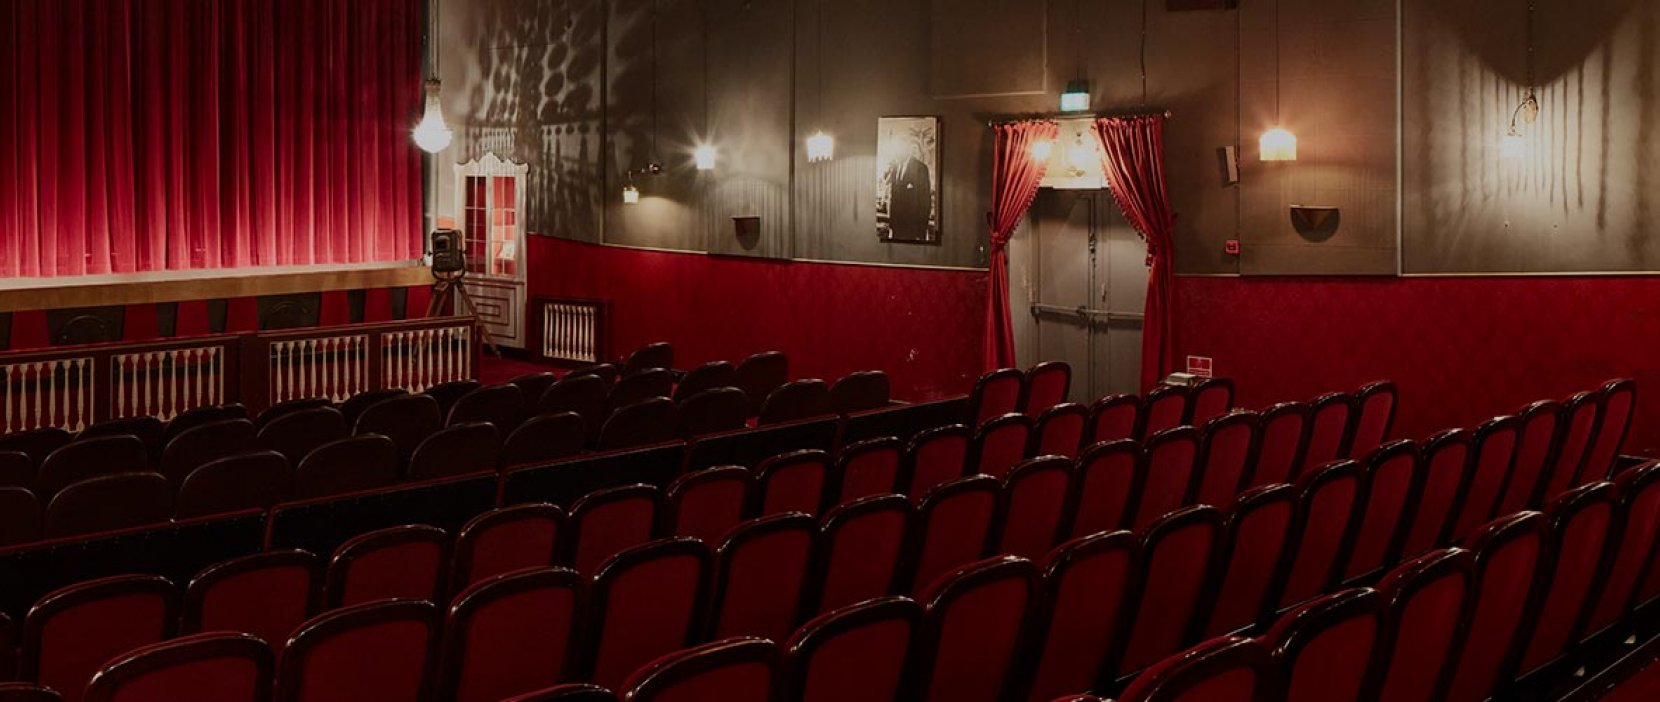 om-reprise-teatret-sal